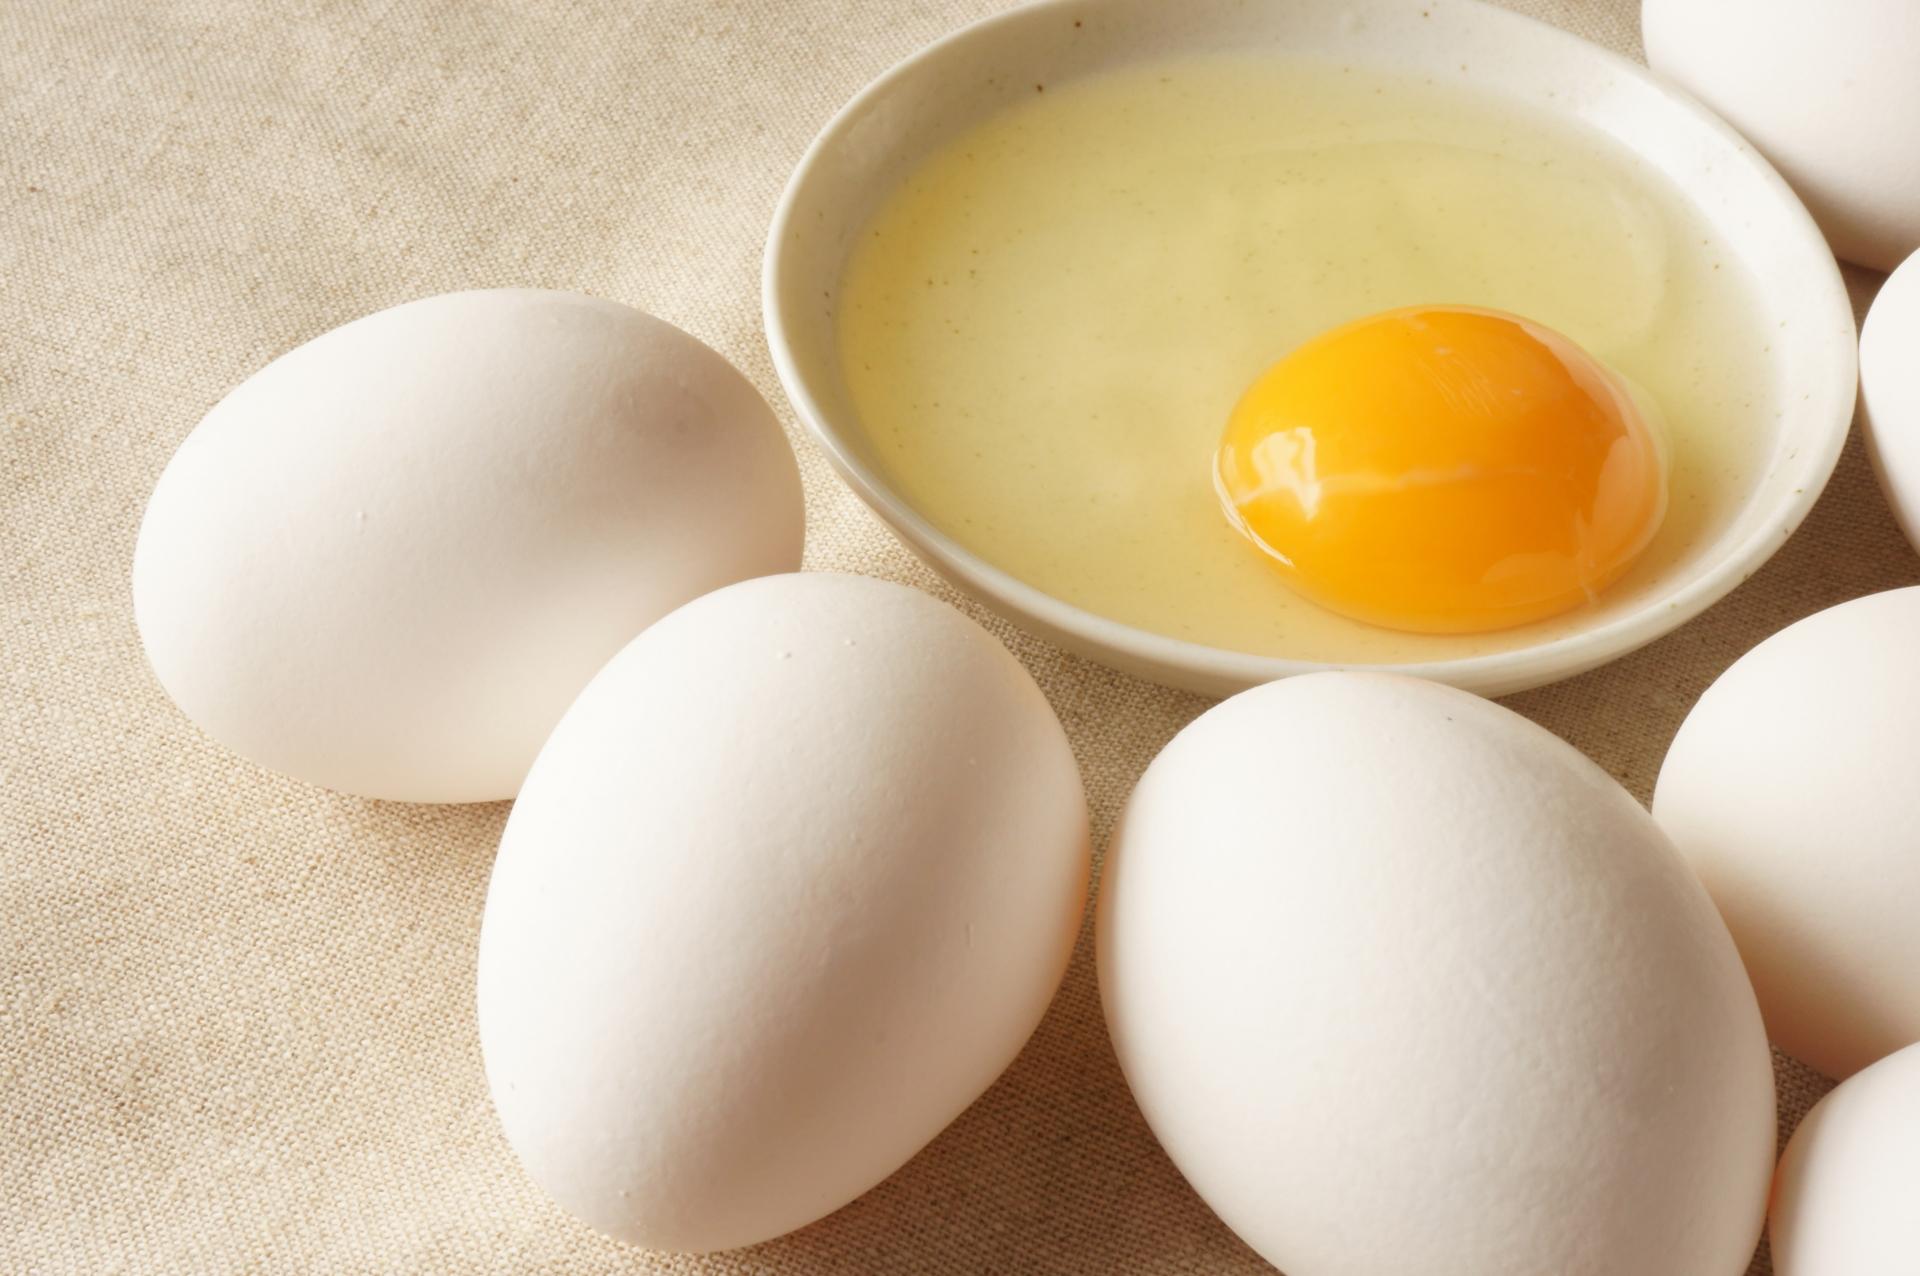 卵を割るために握力な握力と簡単に割る方法を解説します